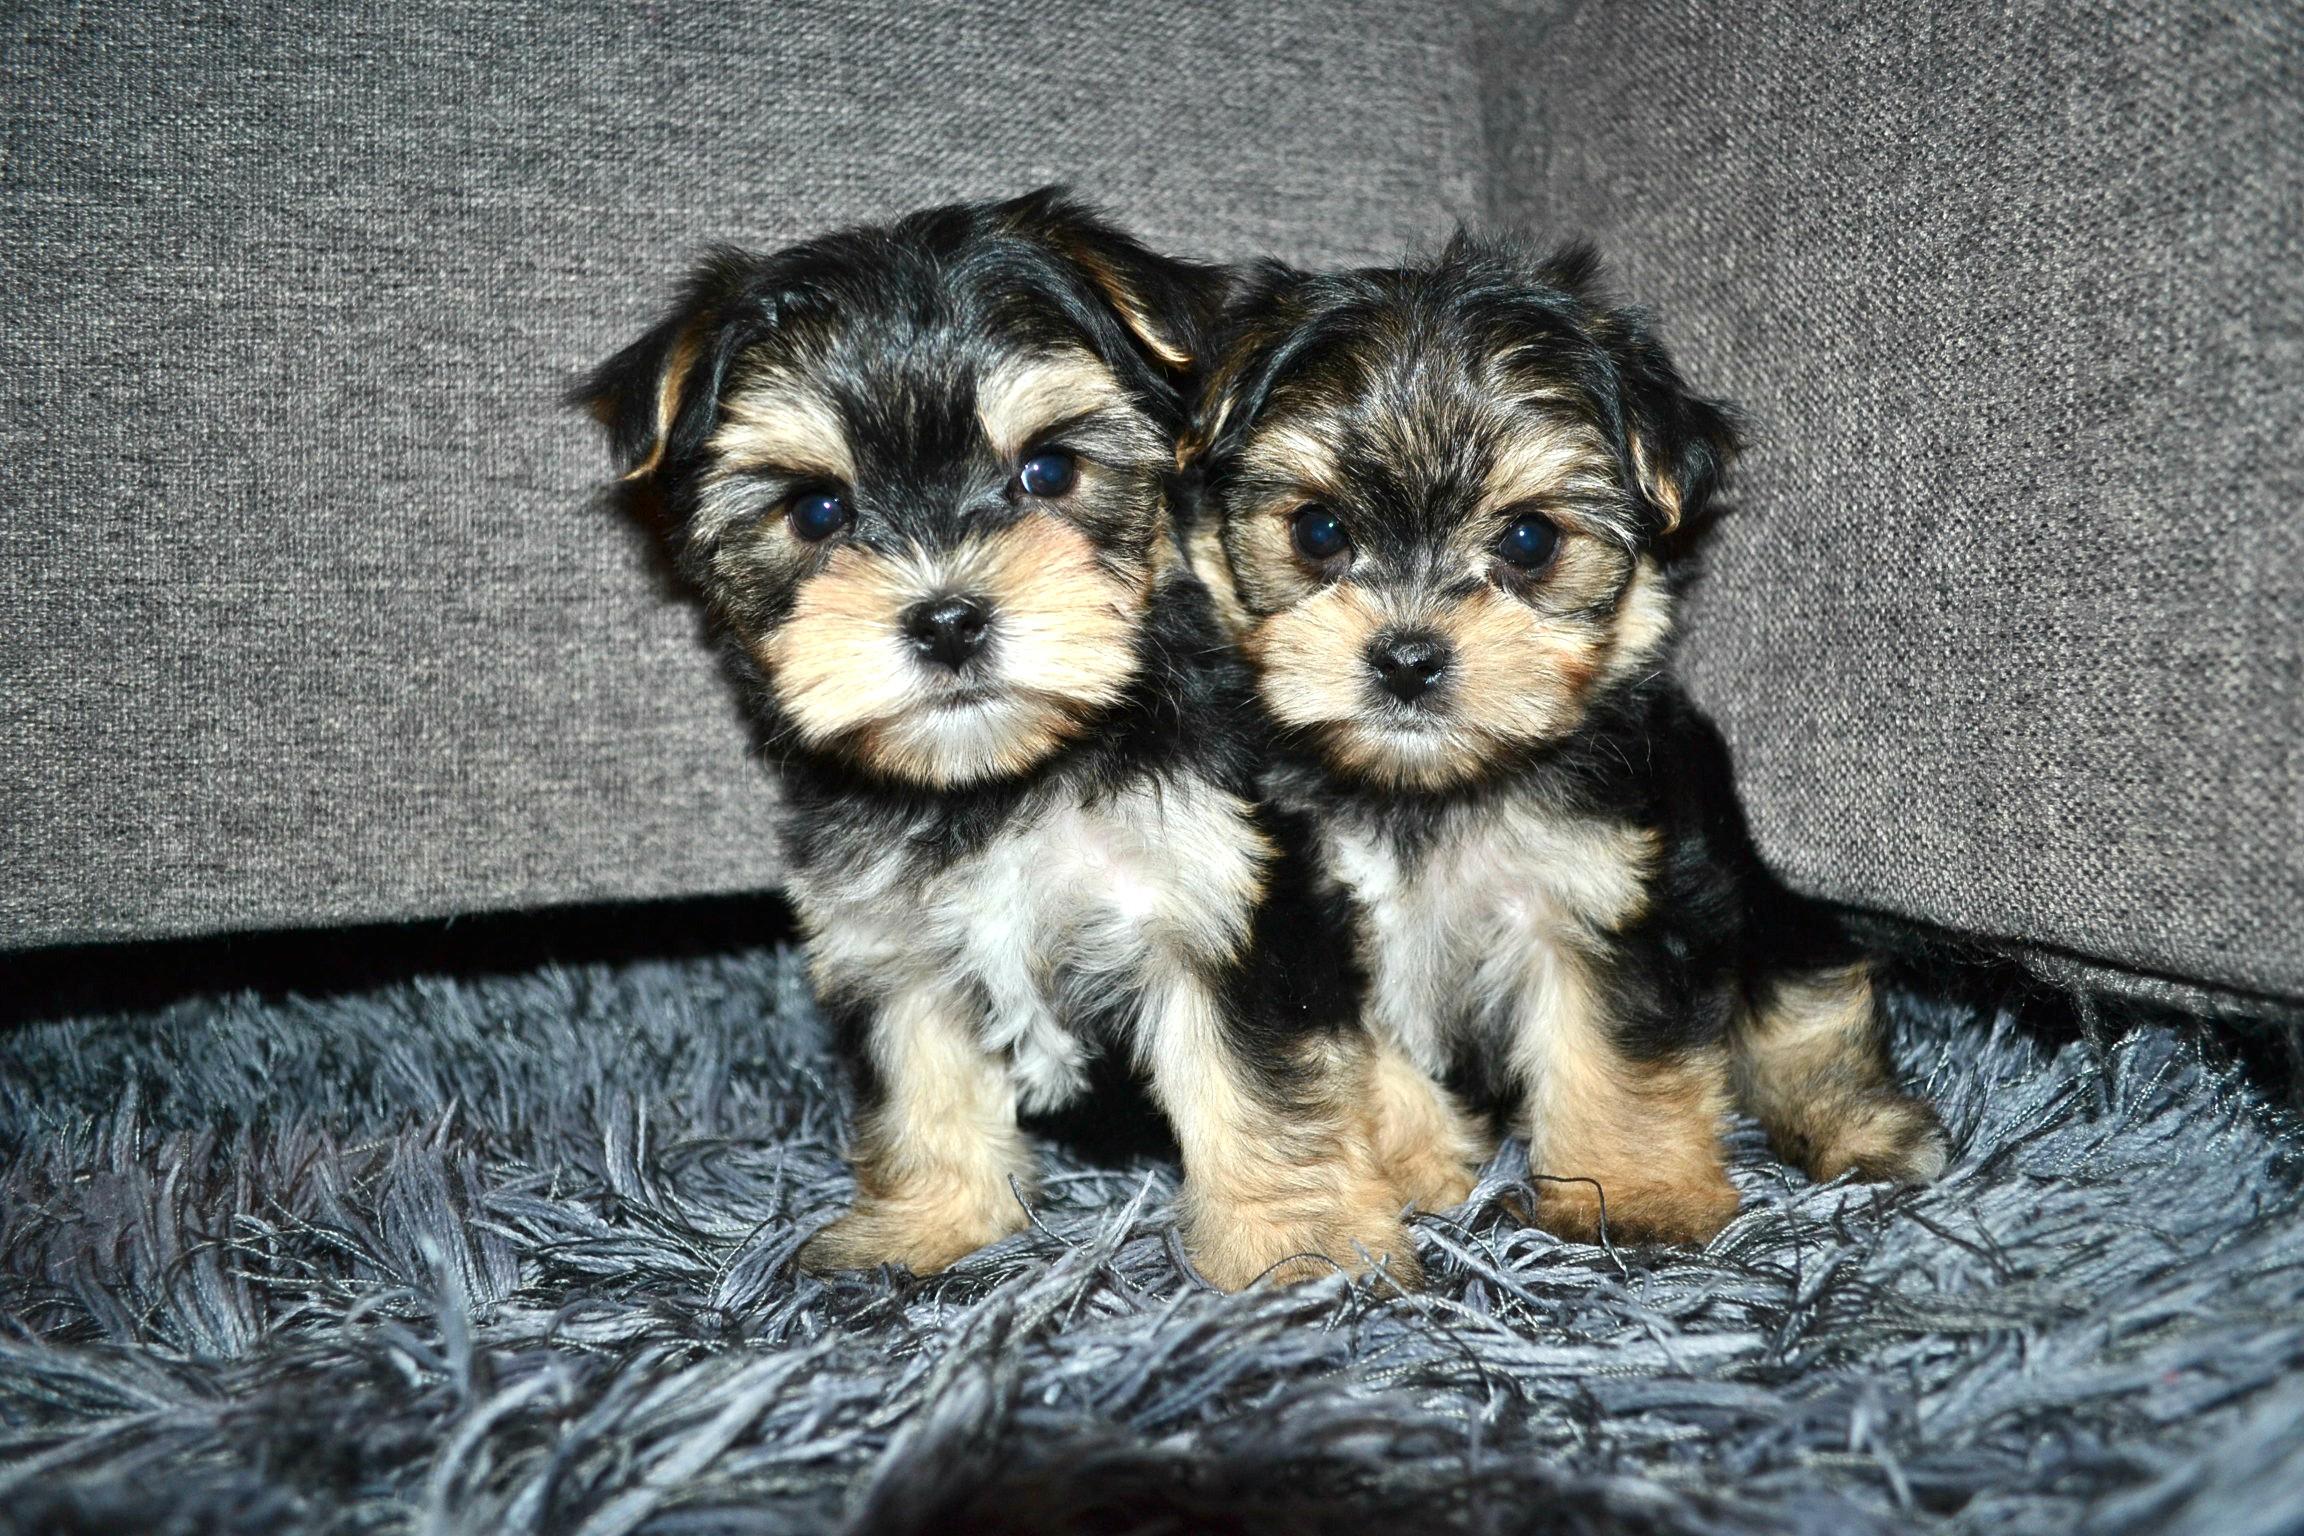 Puppies for Sale - Morkies, Maltese, Yorktese, Malshi